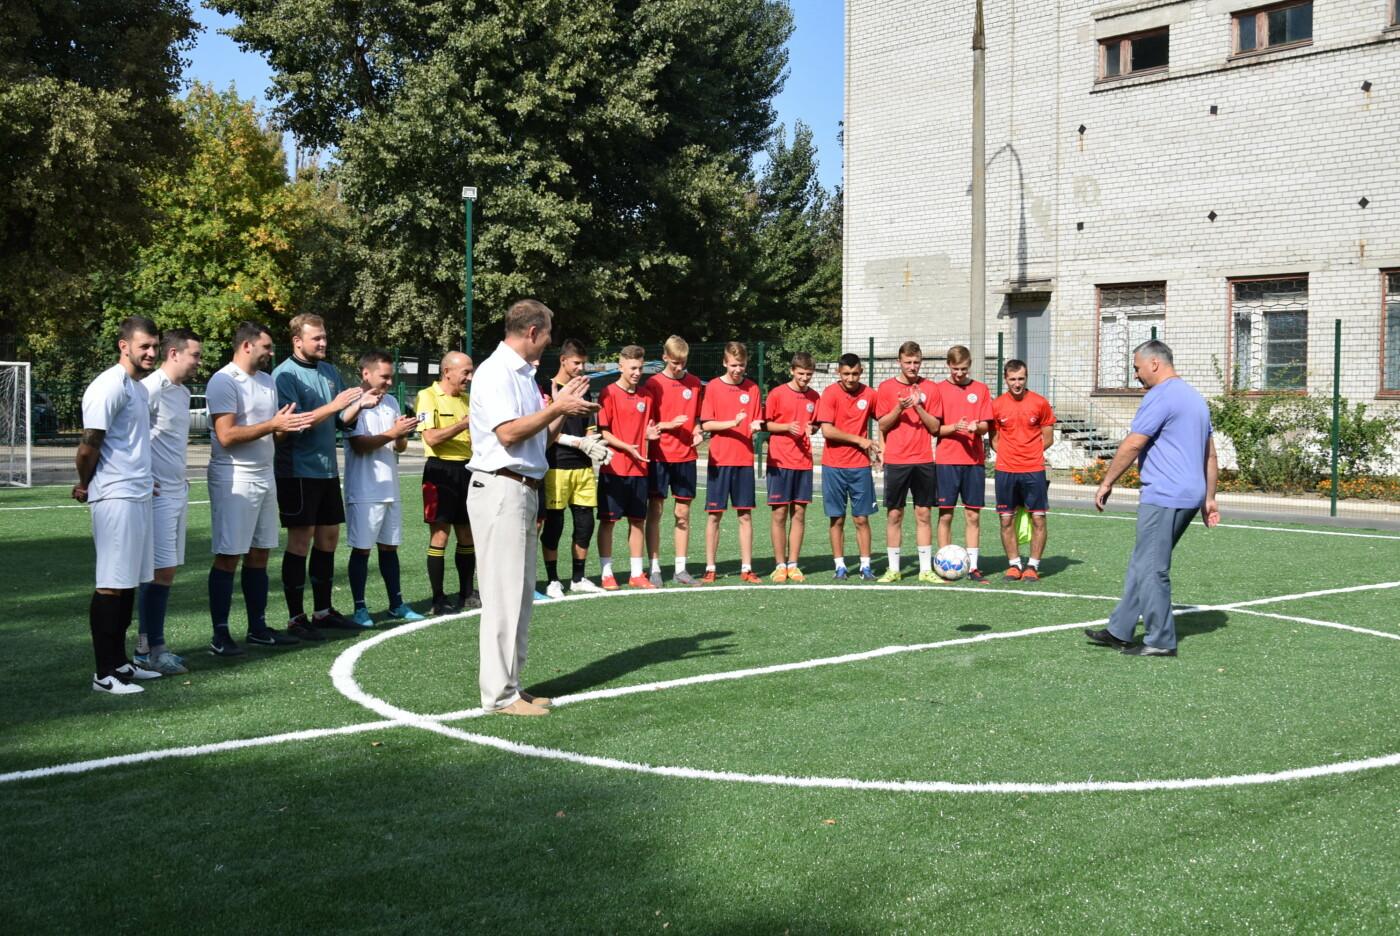 На День города двум школам Каменского подарили новые спортивные поля, фото-7